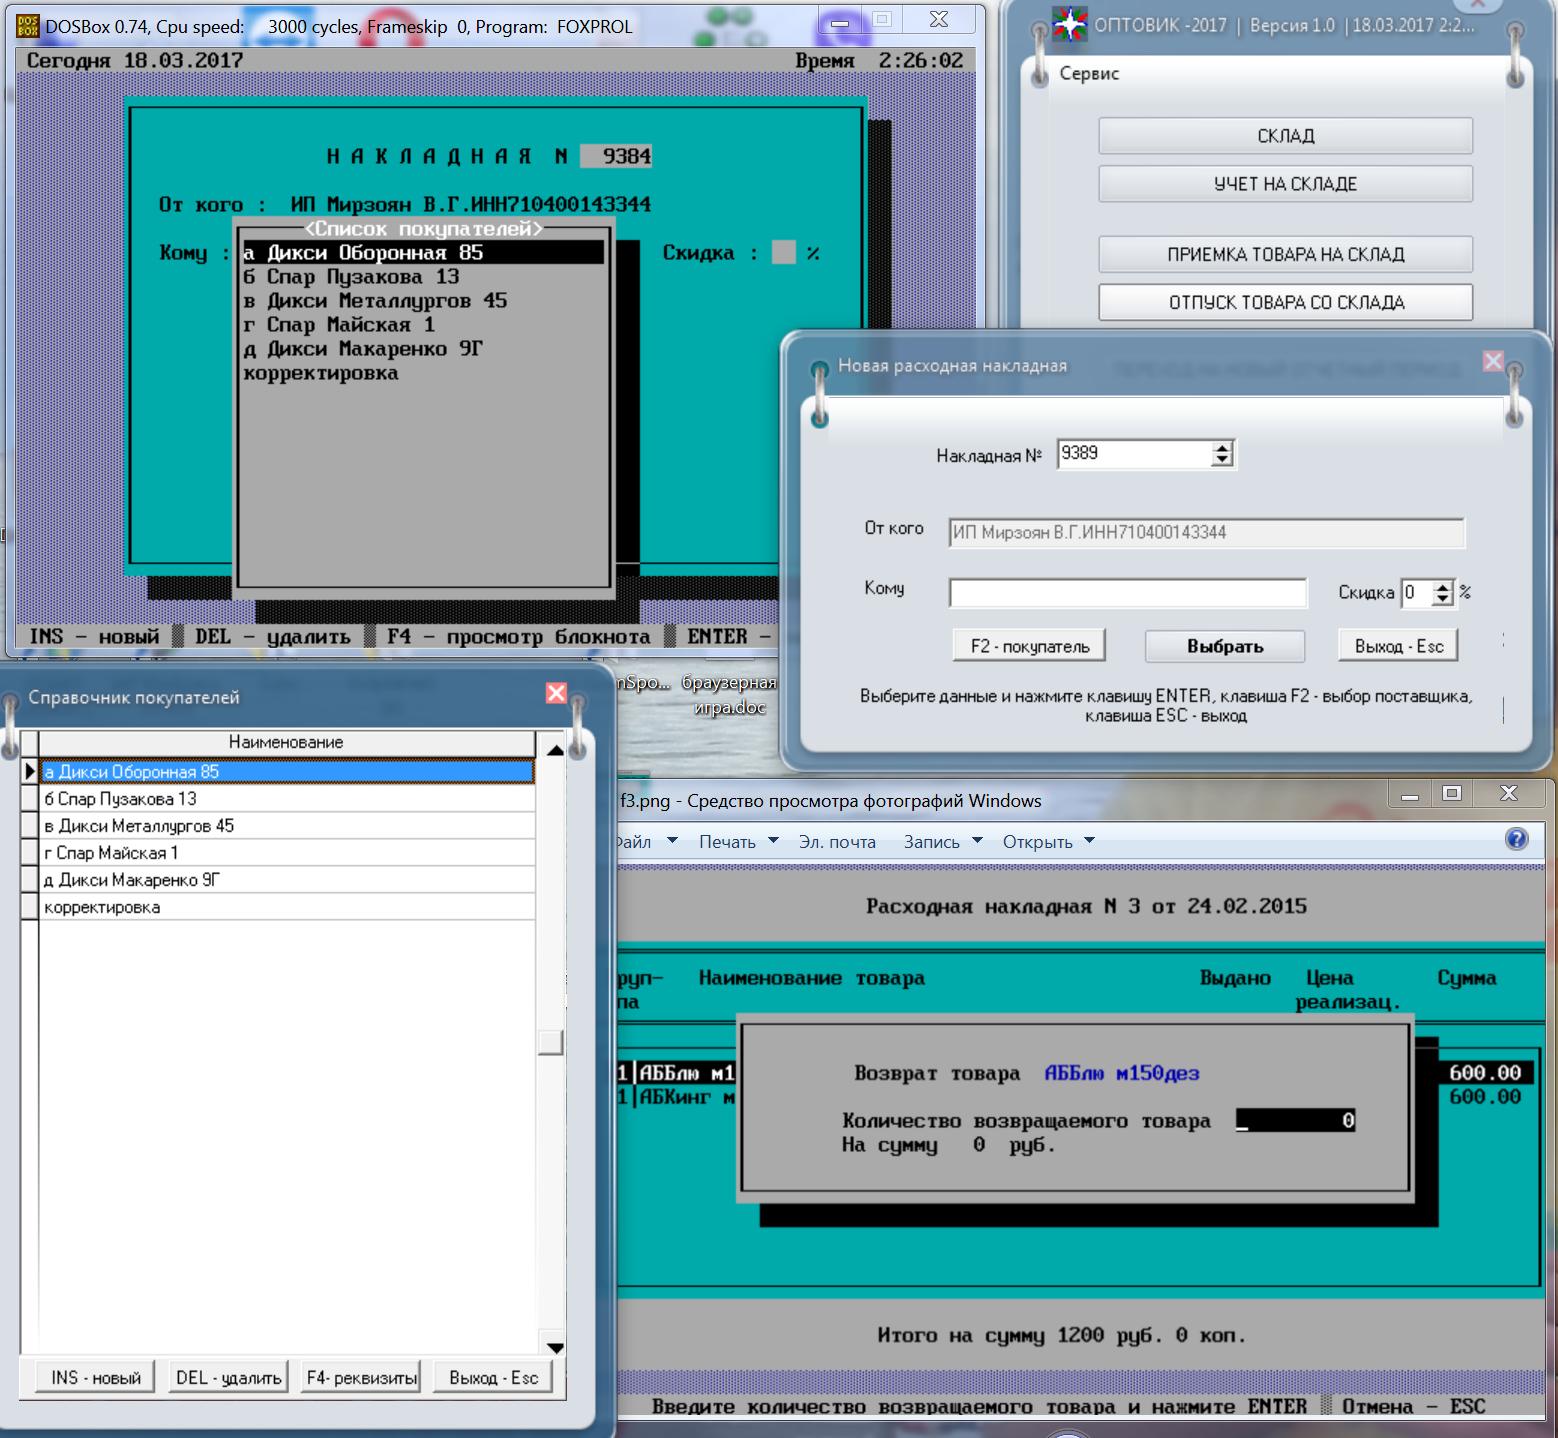 РЕТРОСКЛАД из 1992г в 2017год получилось клиент доволен аж прослезился 25лет под DOS